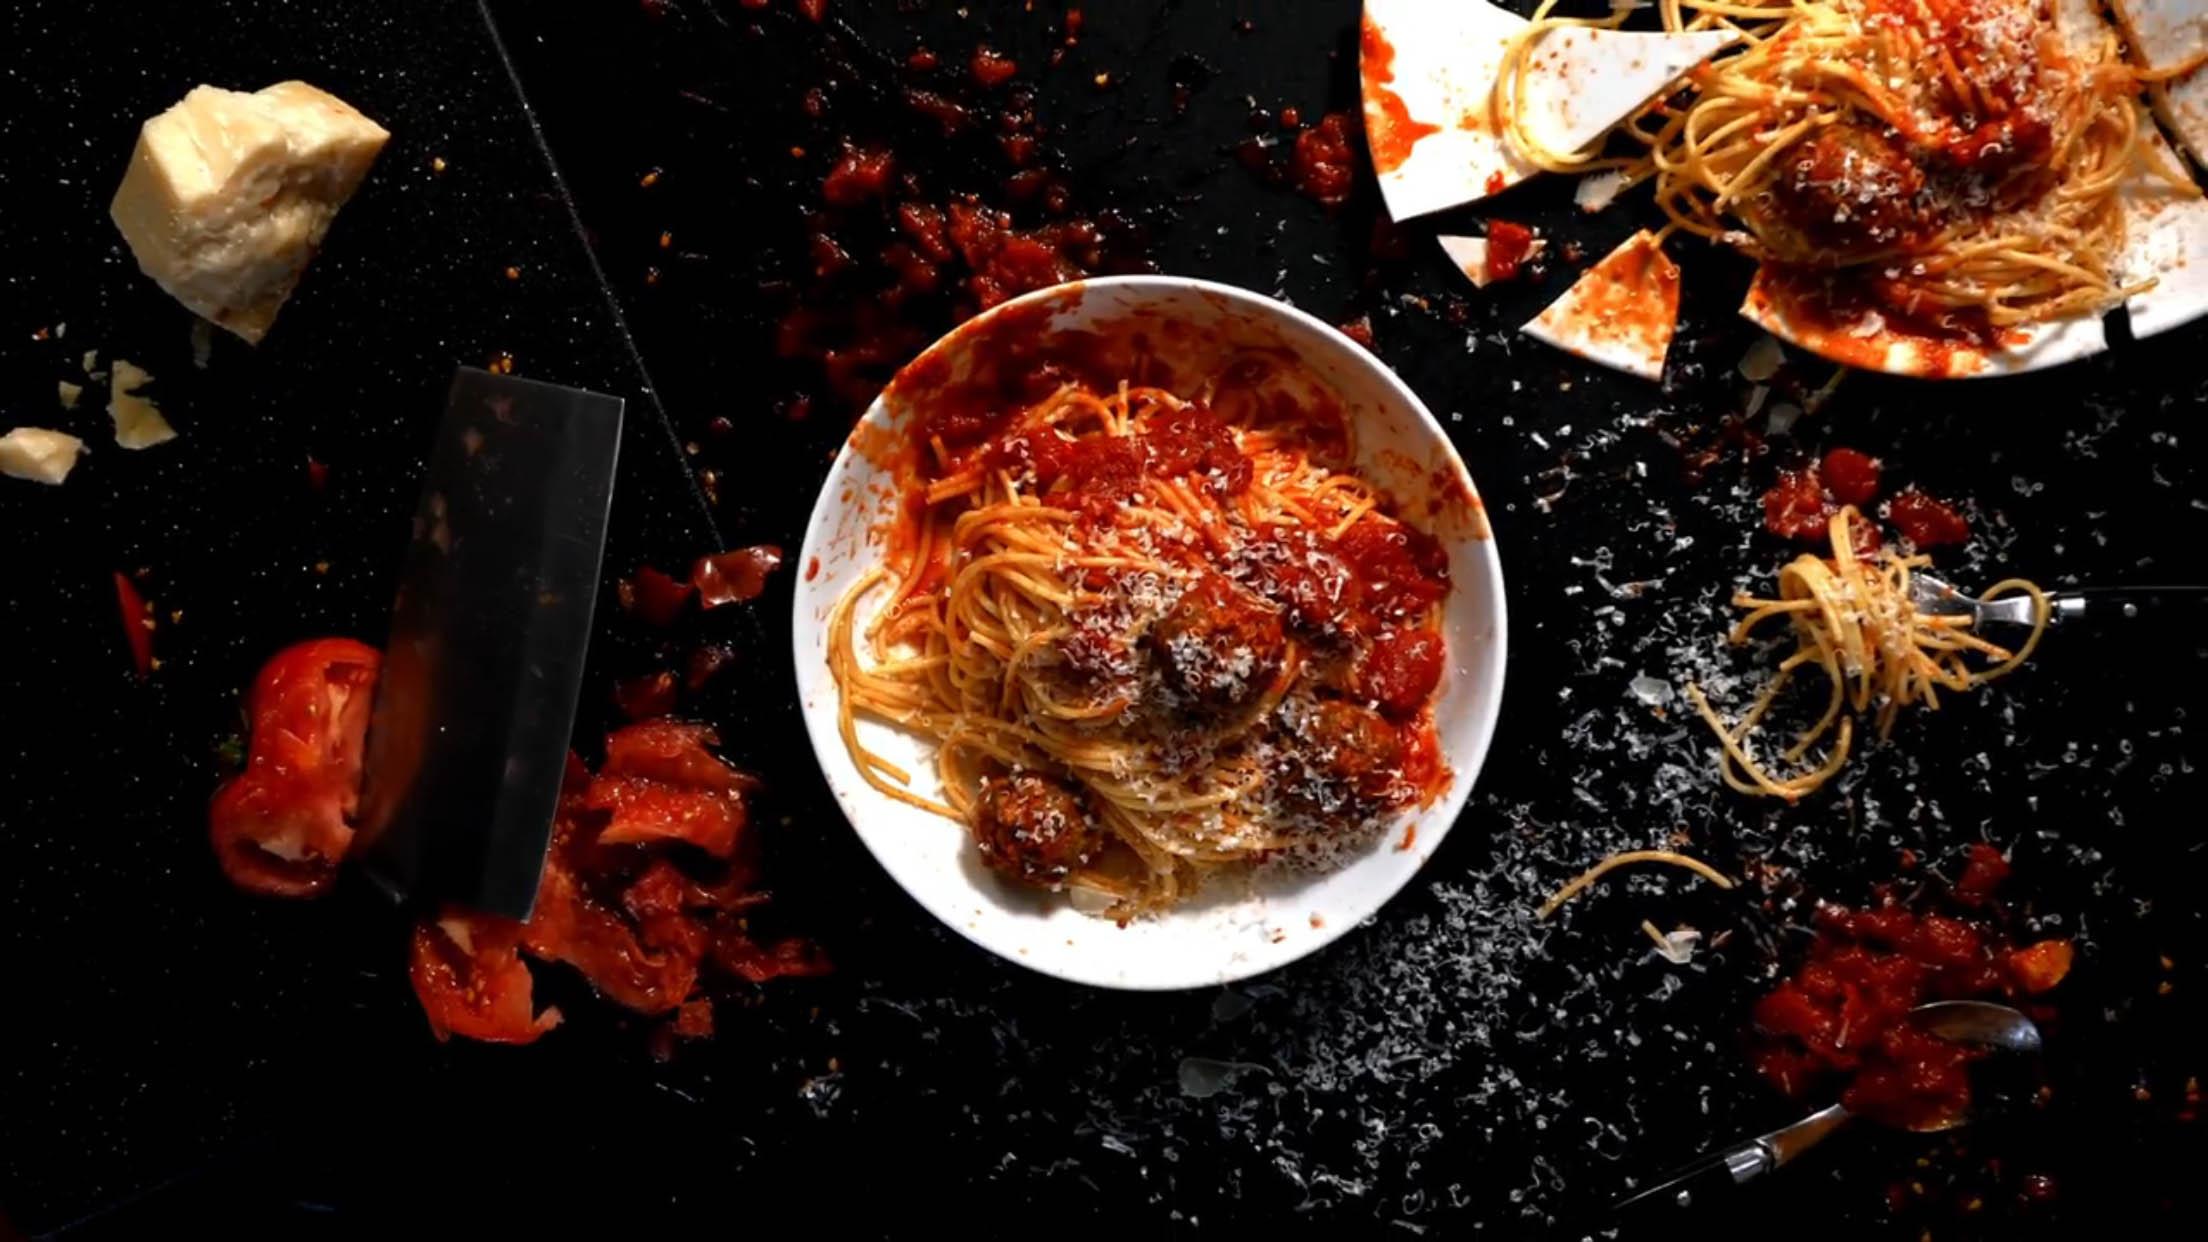 David Ma Food Films Spaghetti recipe videos